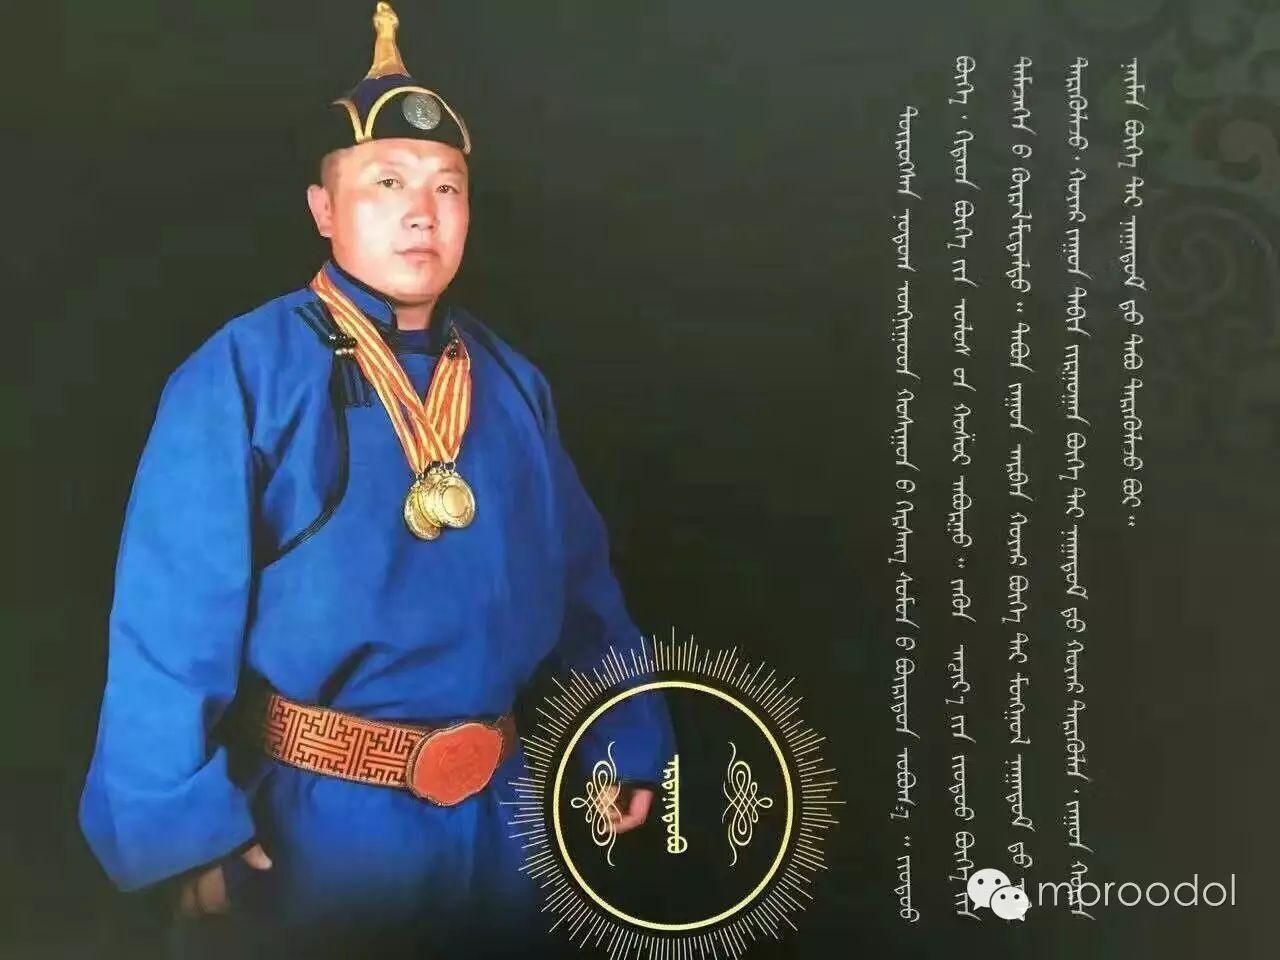 卐【蒙古博克】赤峰著名摔跤手及他们的战绩(图片) 第9张 卐【蒙古博克】赤峰著名摔跤手及他们的战绩(图片) 蒙古文化